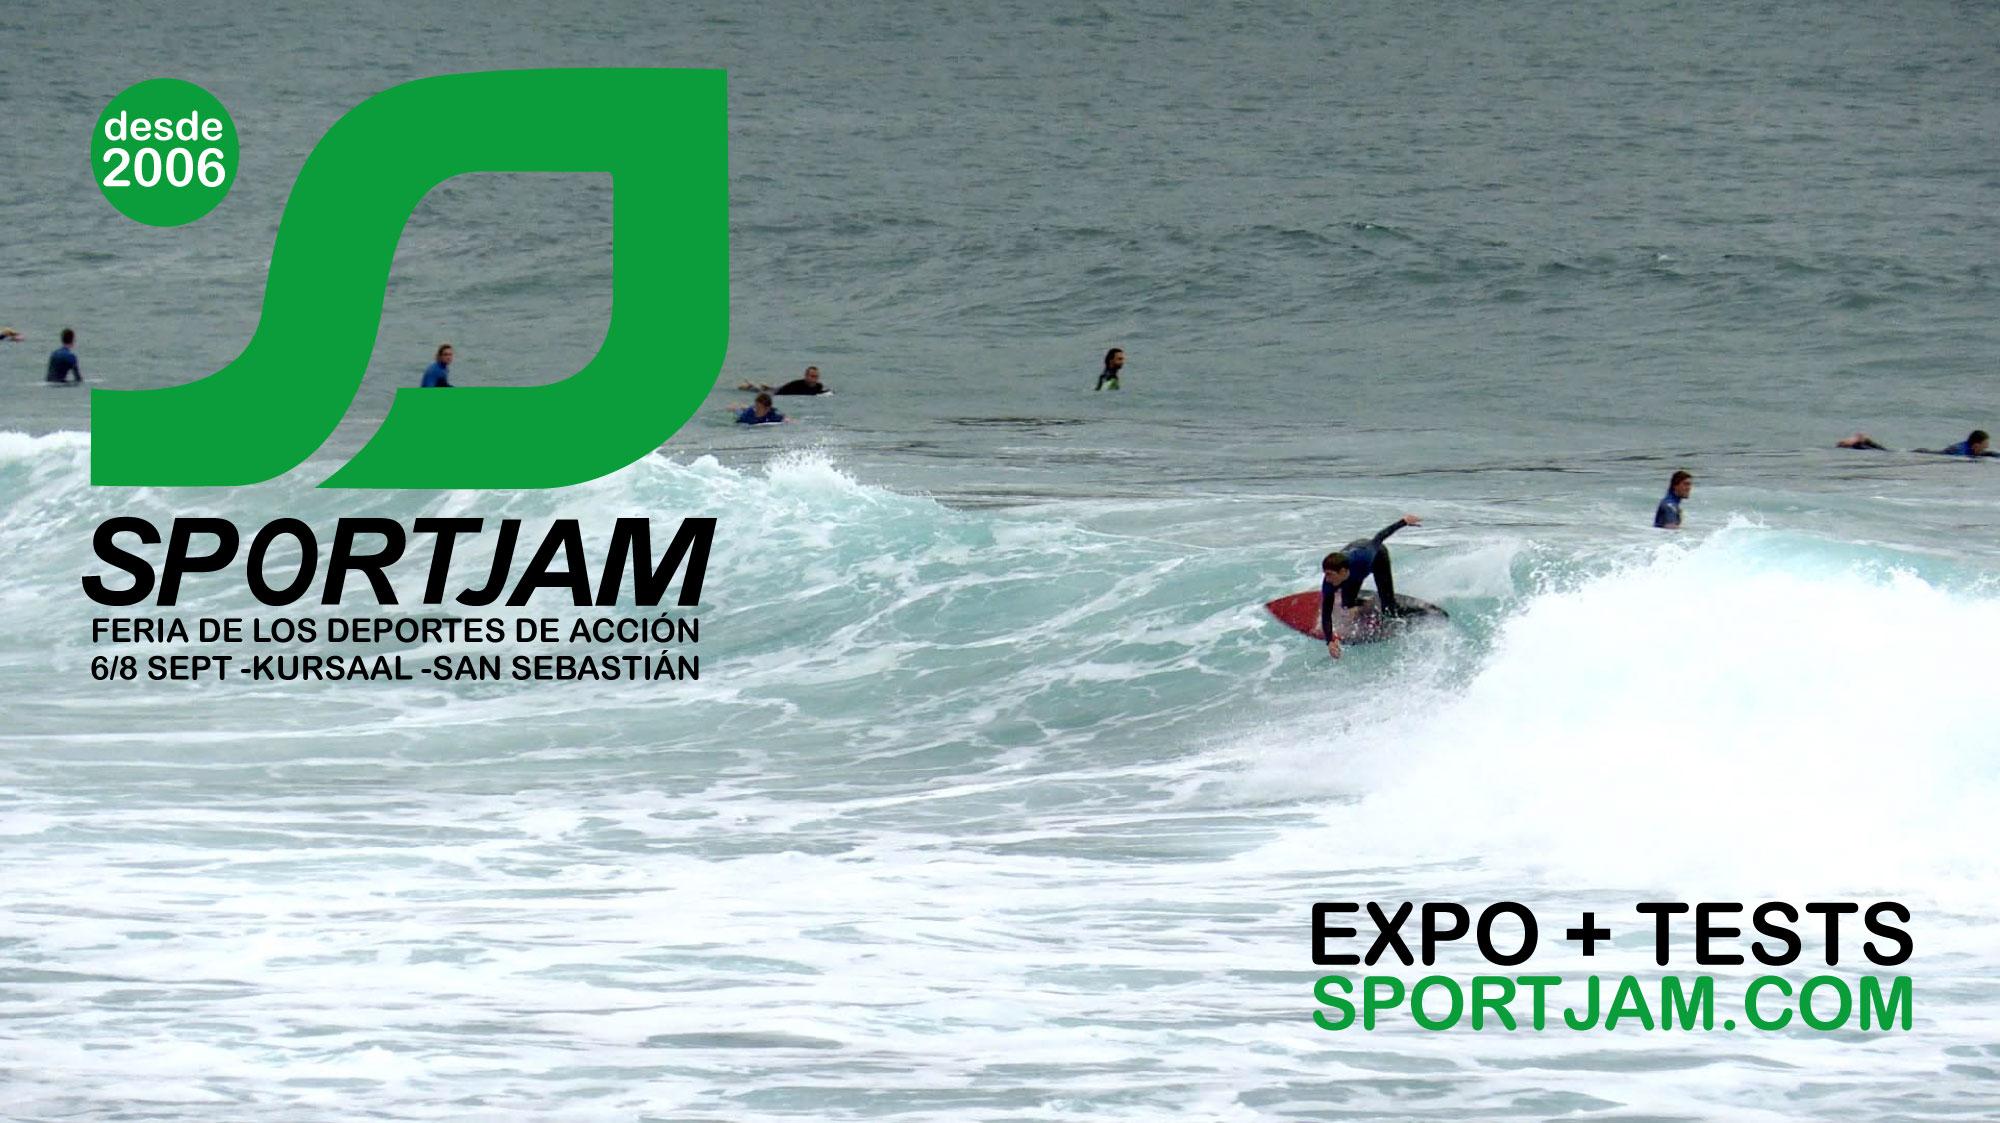 Un Sportjam 2019 con un nuevo formato adelanta sus fechas a septiembre.